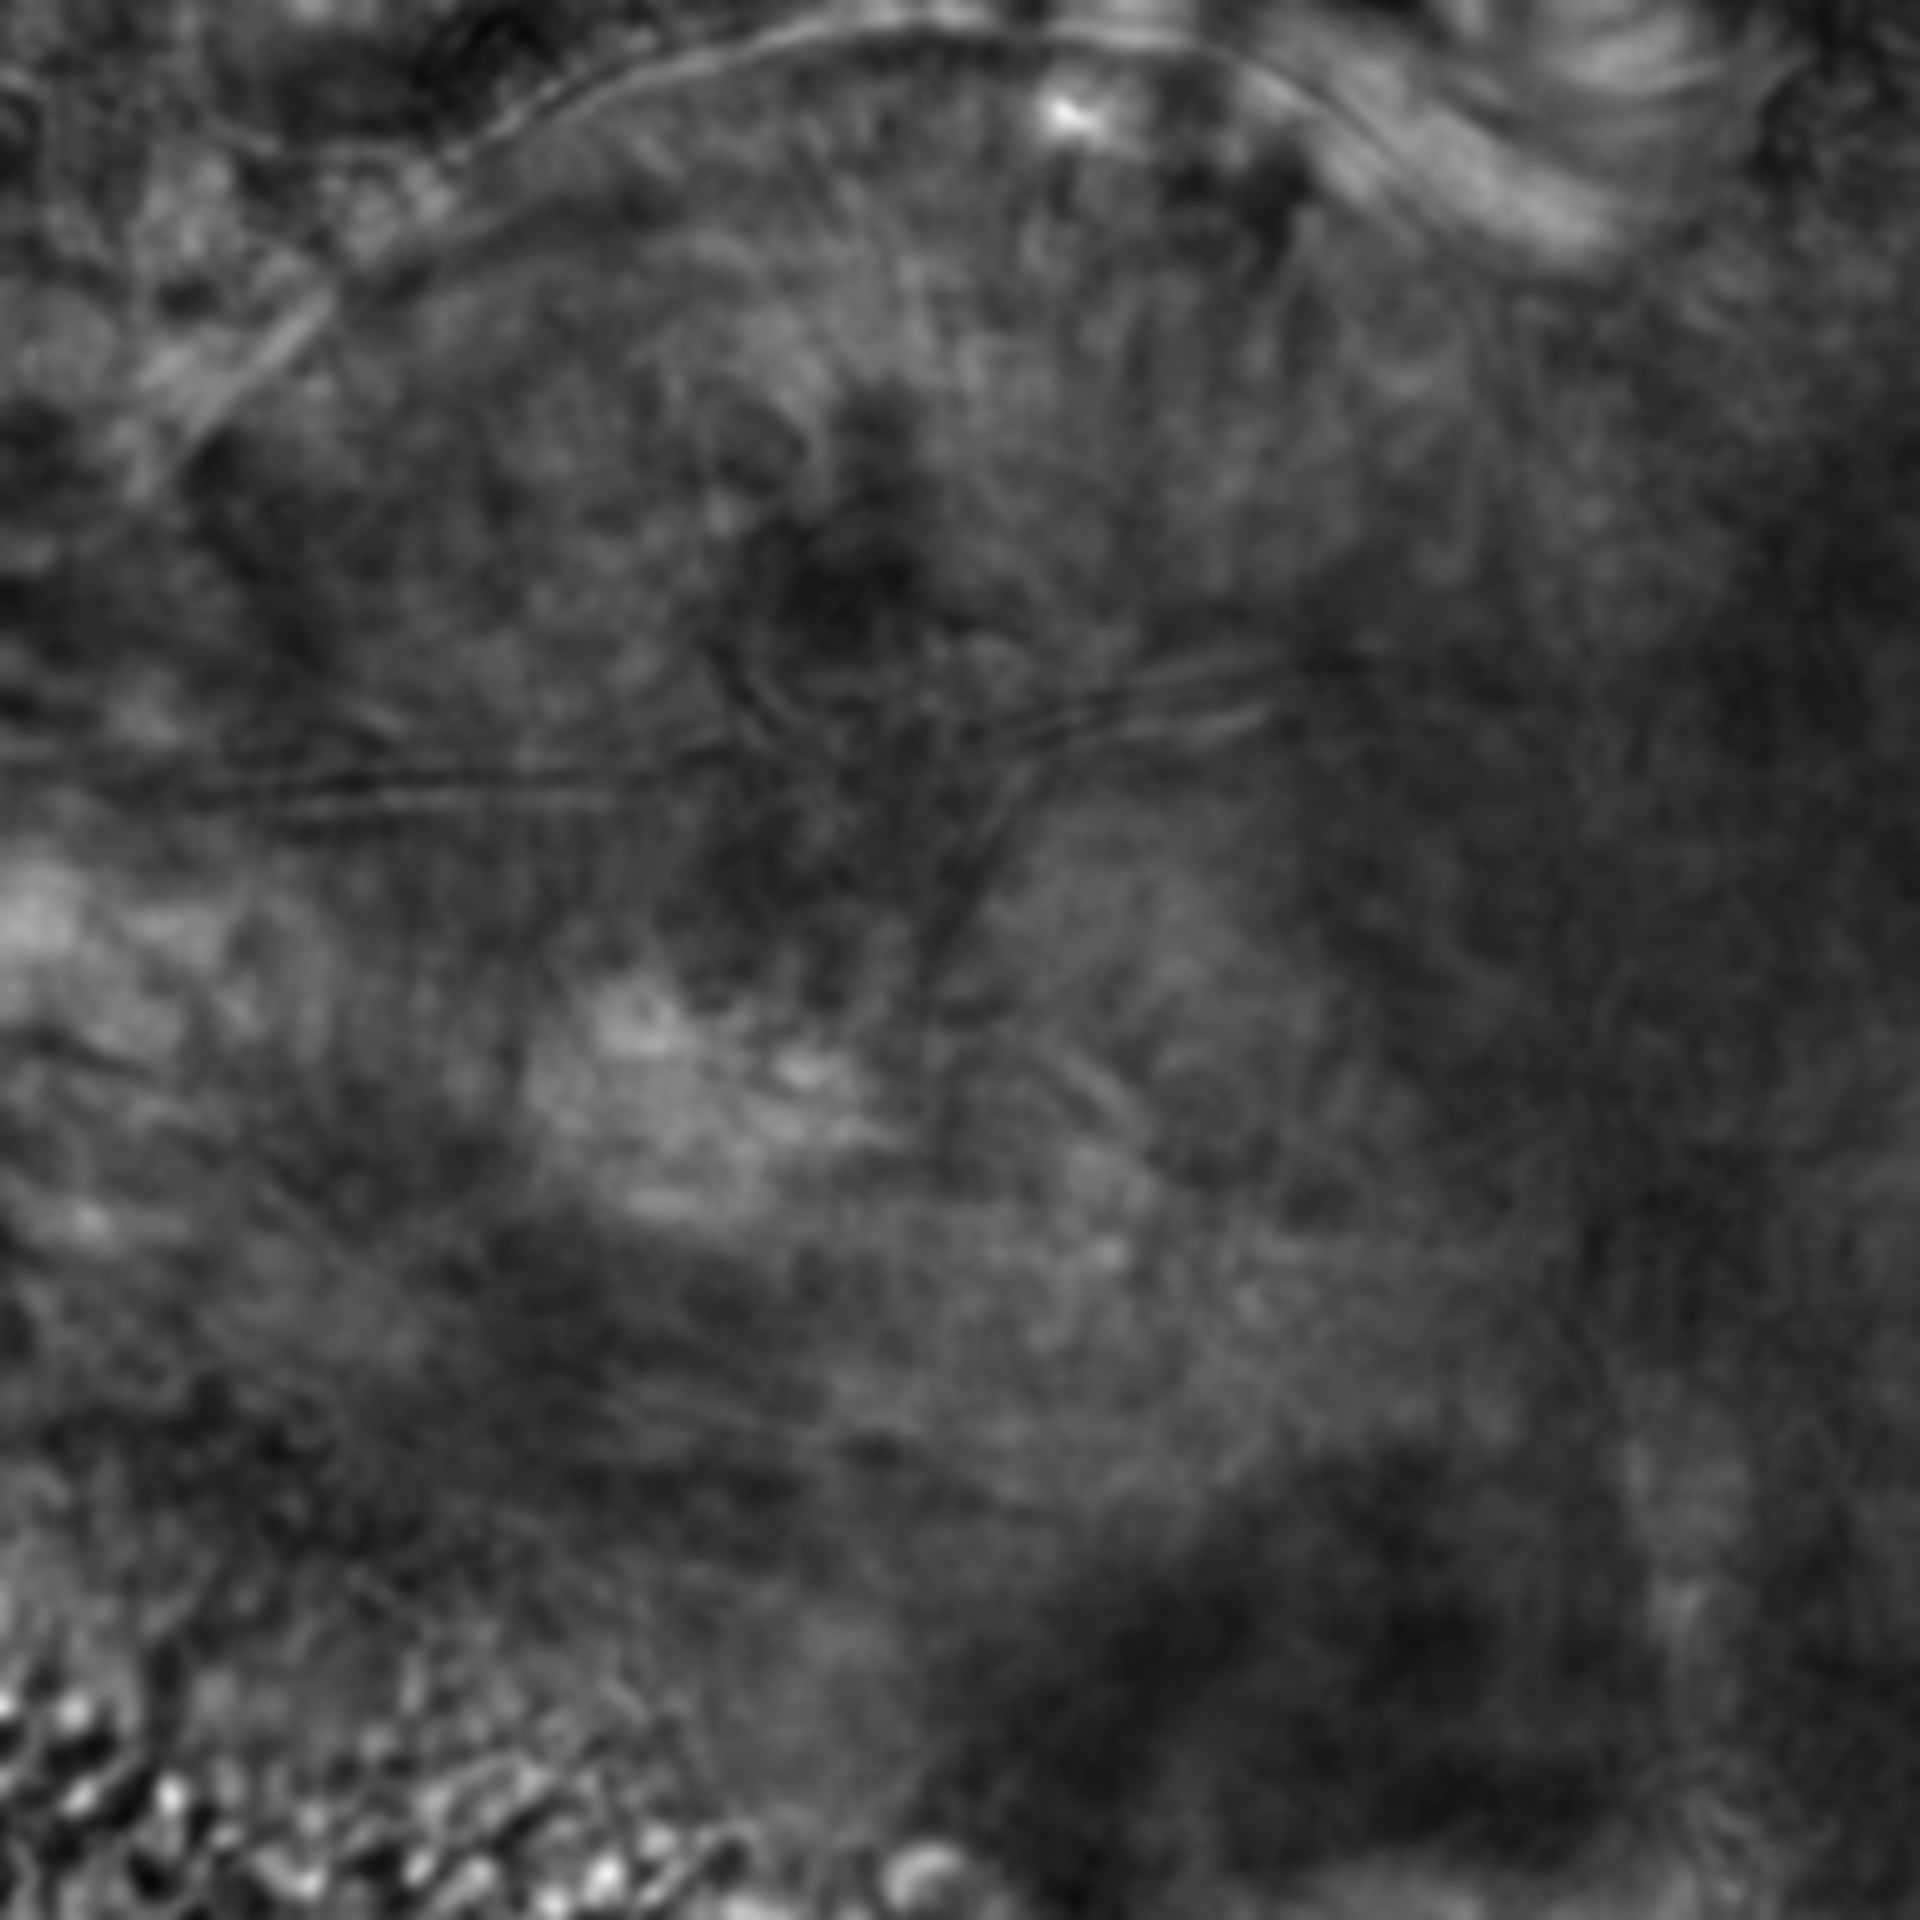 Caenorhabditis elegans - CIL:2130